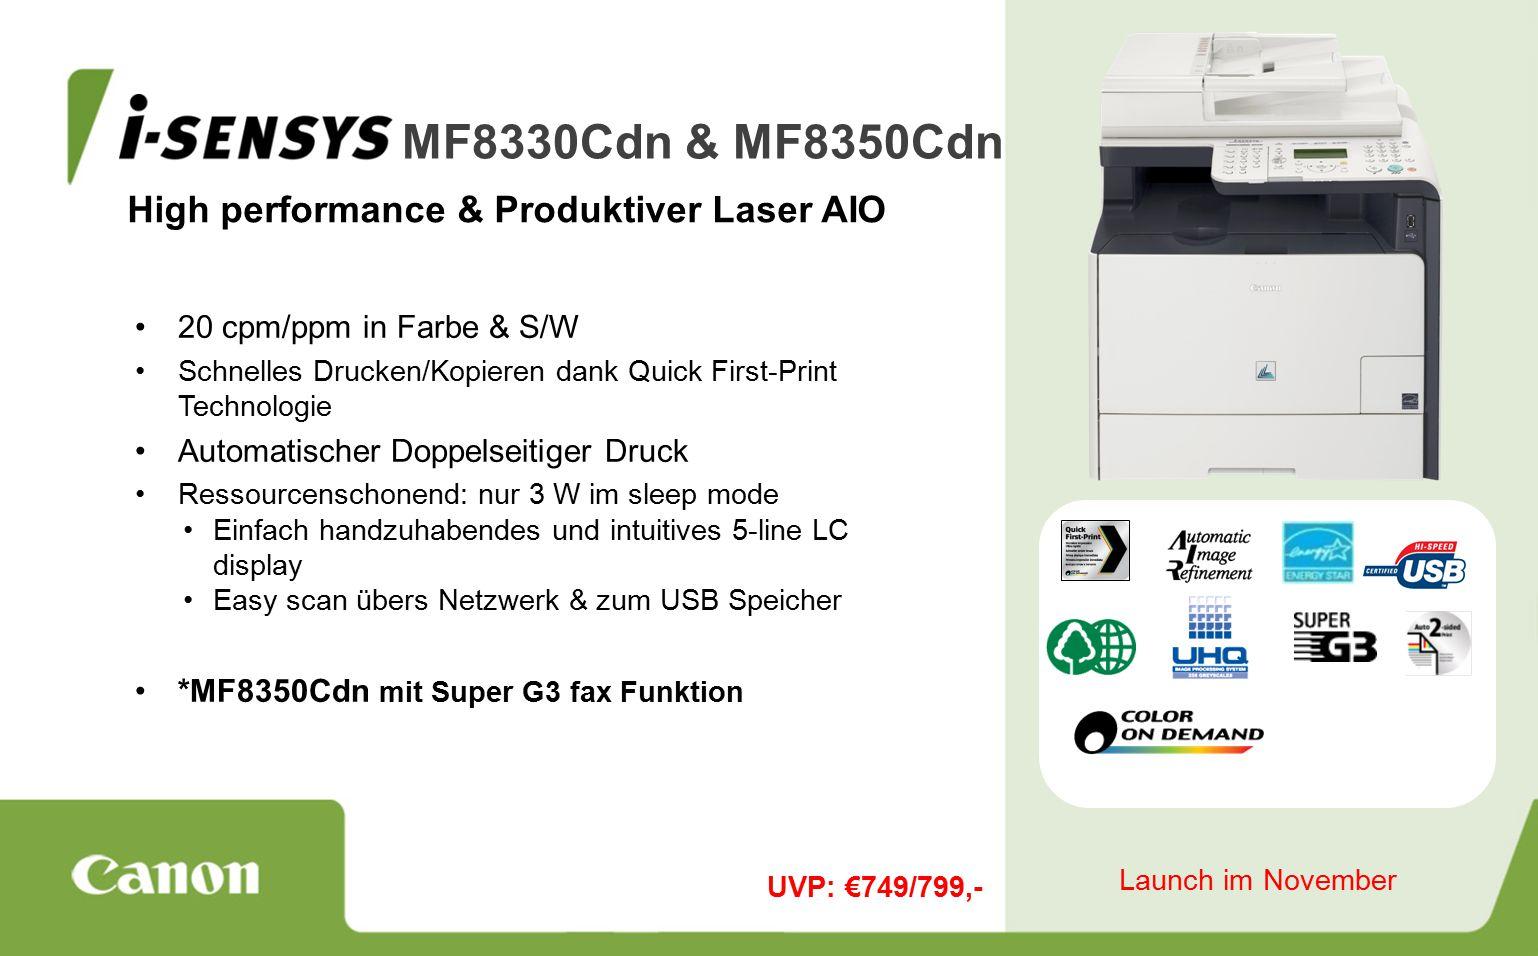 High performance & Produktiver Laser AIO MF8330Cdn & MF8350Cdn 20 cpm/ppm in Farbe & S/W Schnelles Drucken/Kopieren dank Quick First-Print Technologie Automatischer Doppelseitiger Druck Ressourcenschonend: nur 3 W im sleep mode Einfach handzuhabendes und intuitives 5-line LC display Easy scan übers Netzwerk & zum USB Speicher *MF8350Cdn mit Super G3 fax Funktion UVP: €749/799,- Launch im November